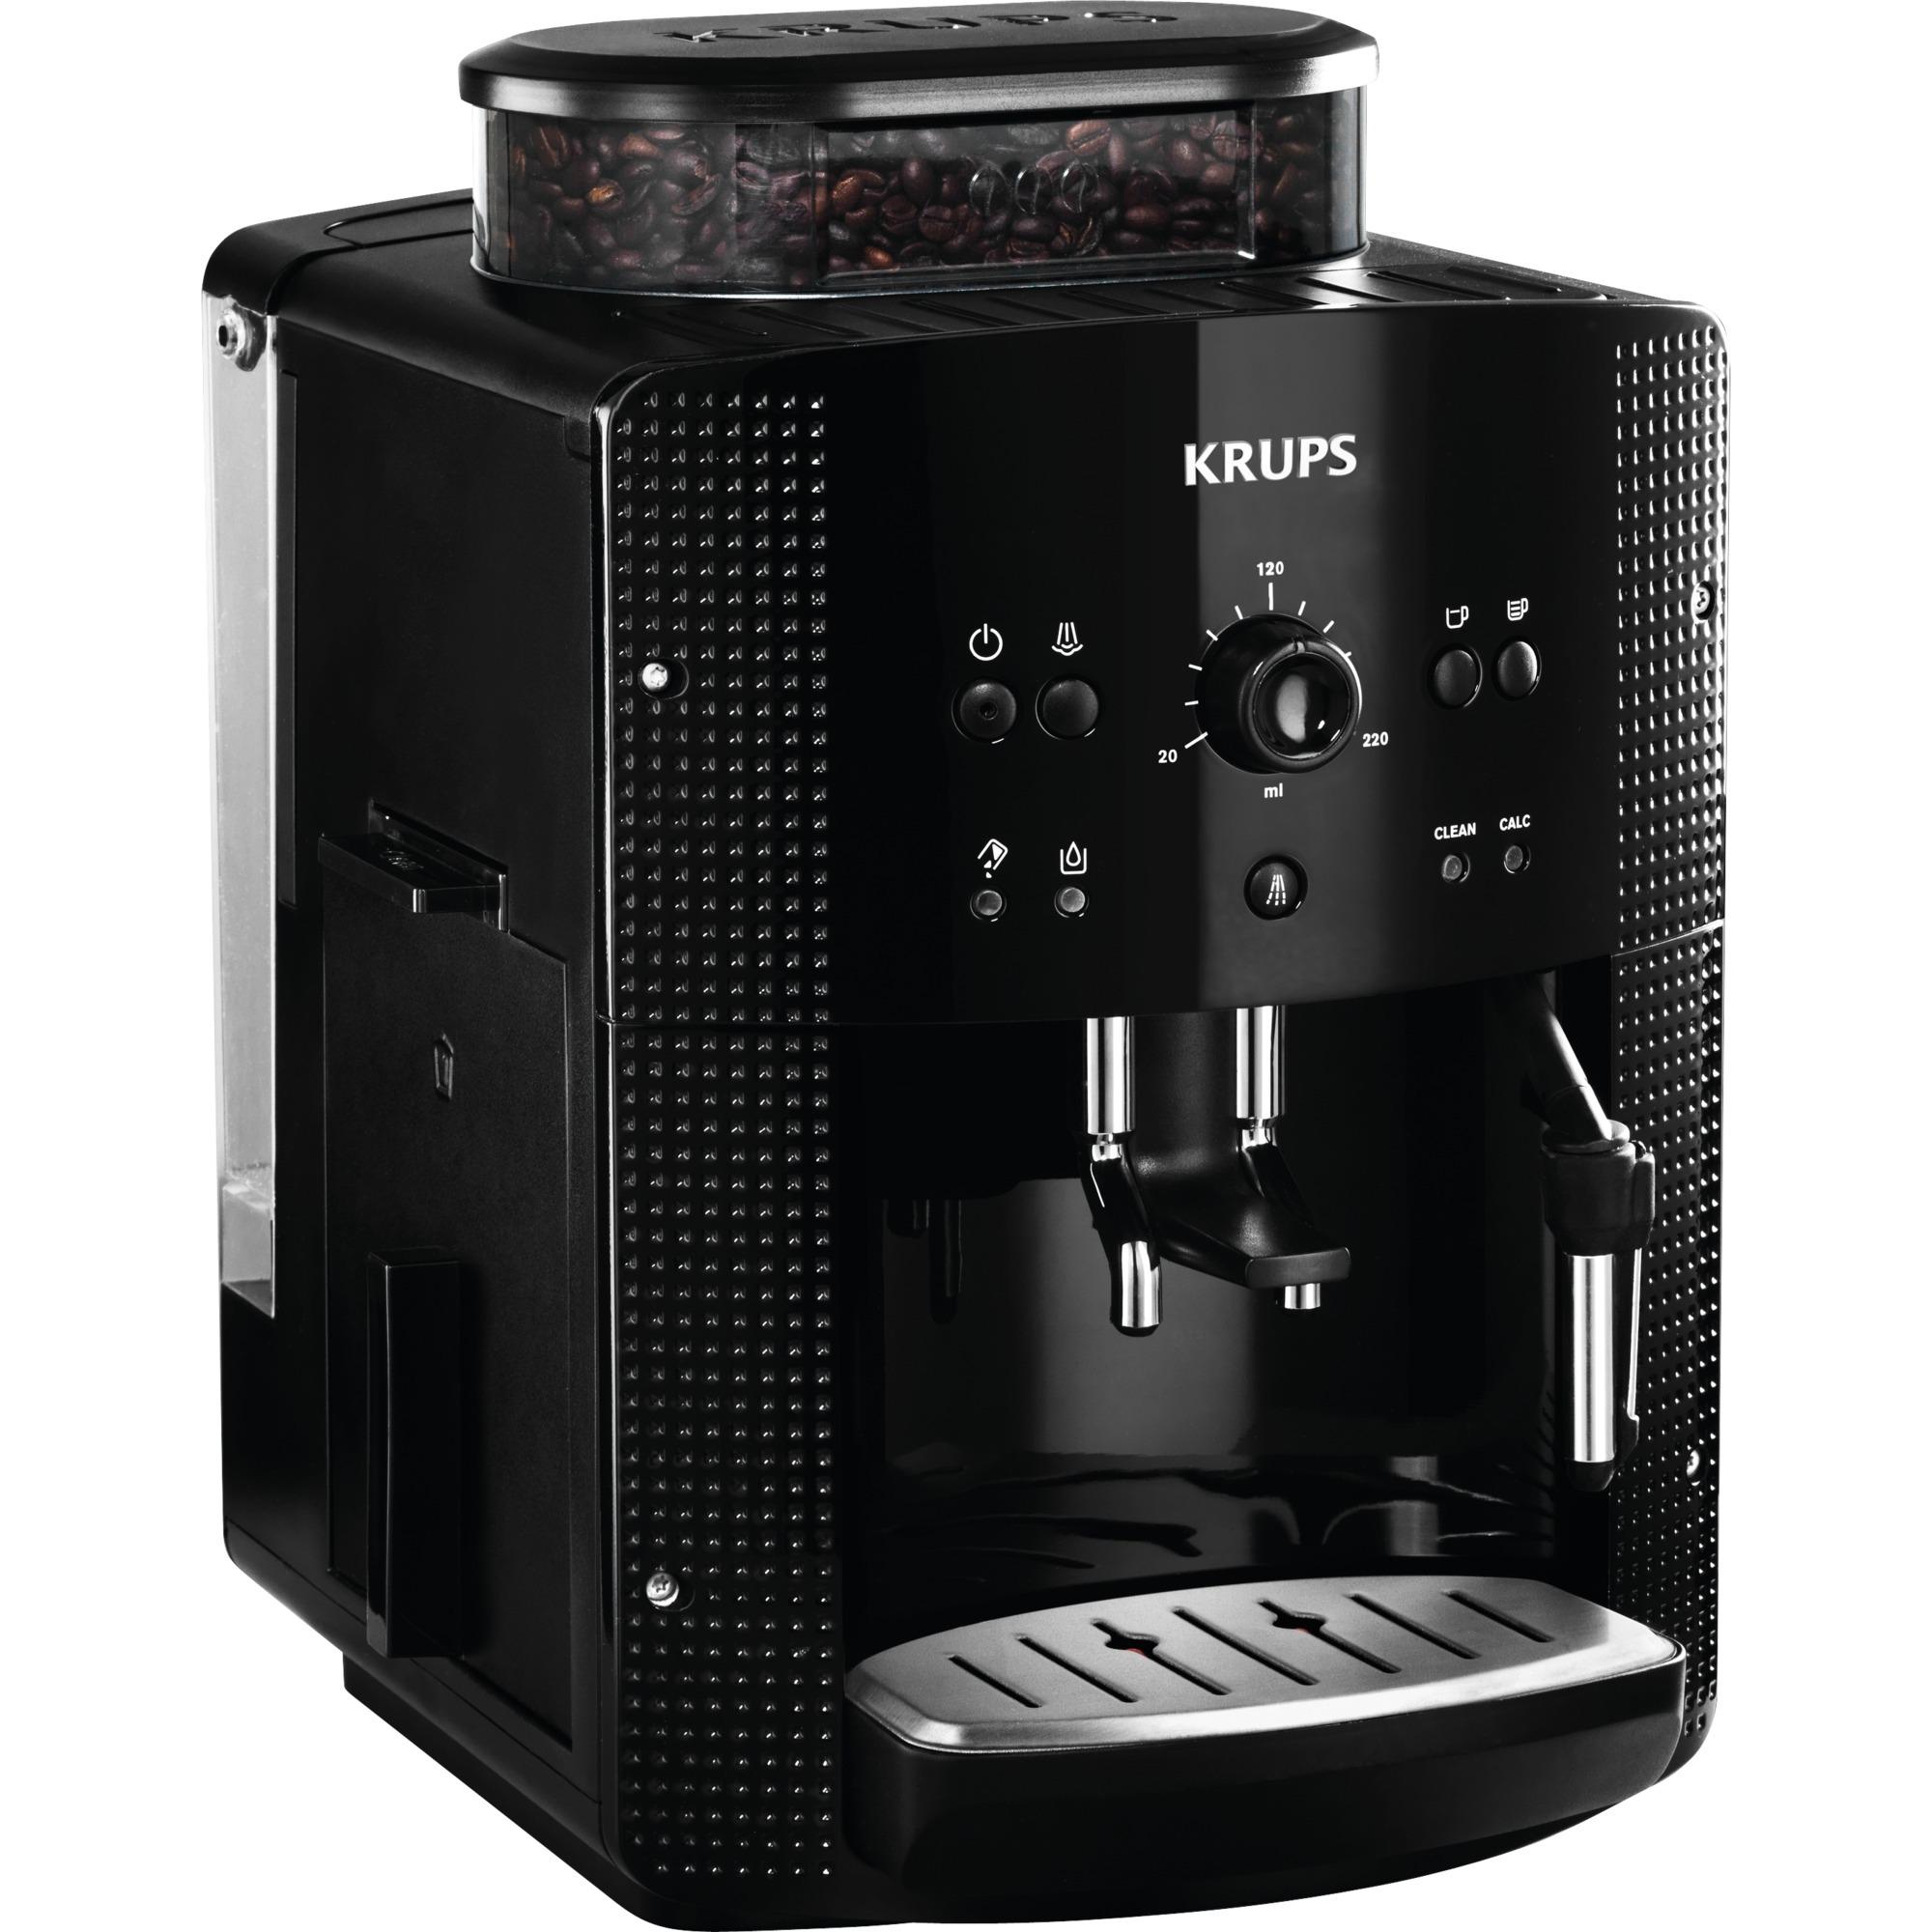 EA8108 Independiente Totalmente automática Máquina espresso 1.8L Negro cafetera eléctrica, Cafetera espresso